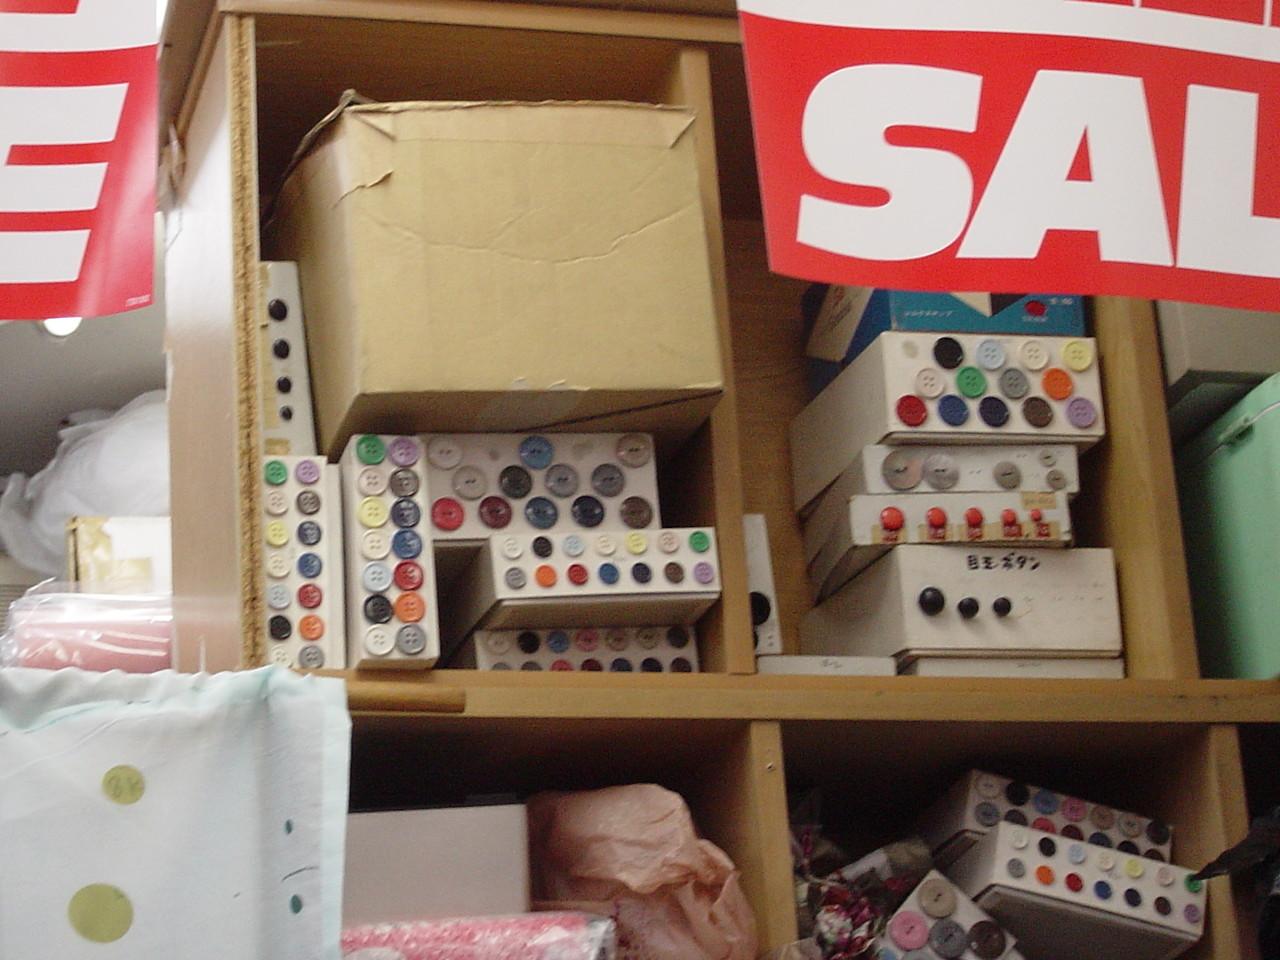 ミセスファッションのあまみや もともとは手芸・毛糸屋さんだったお店。かわいいボタンやアクリル毛糸もあるんです。